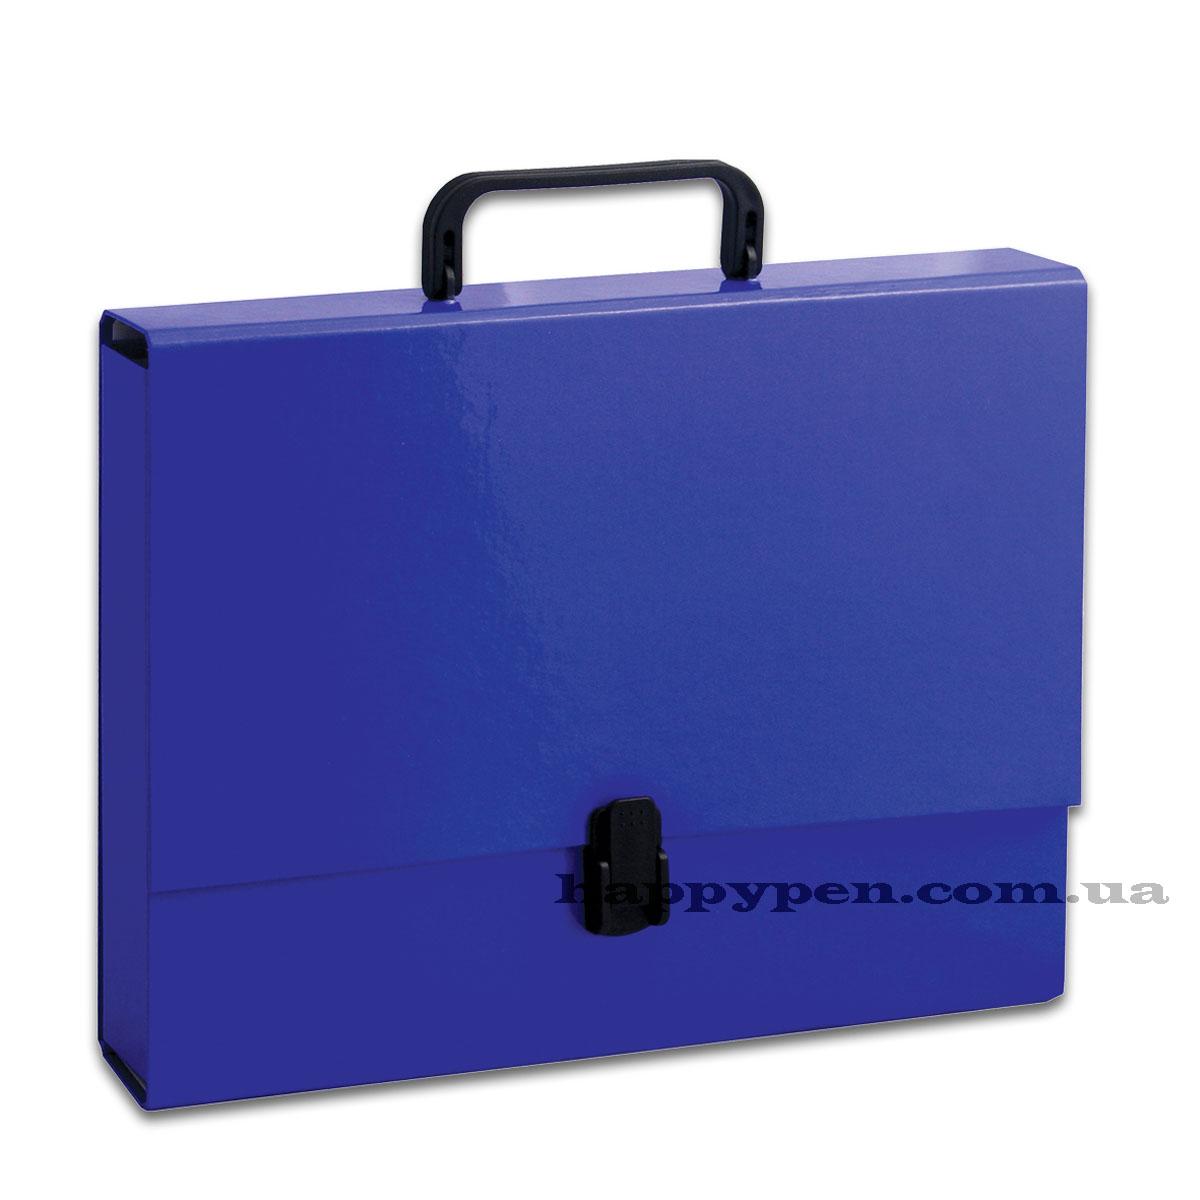 Портфель с ручкой, картонный А4 (32*23,5*5см), на 1 отделение, син.